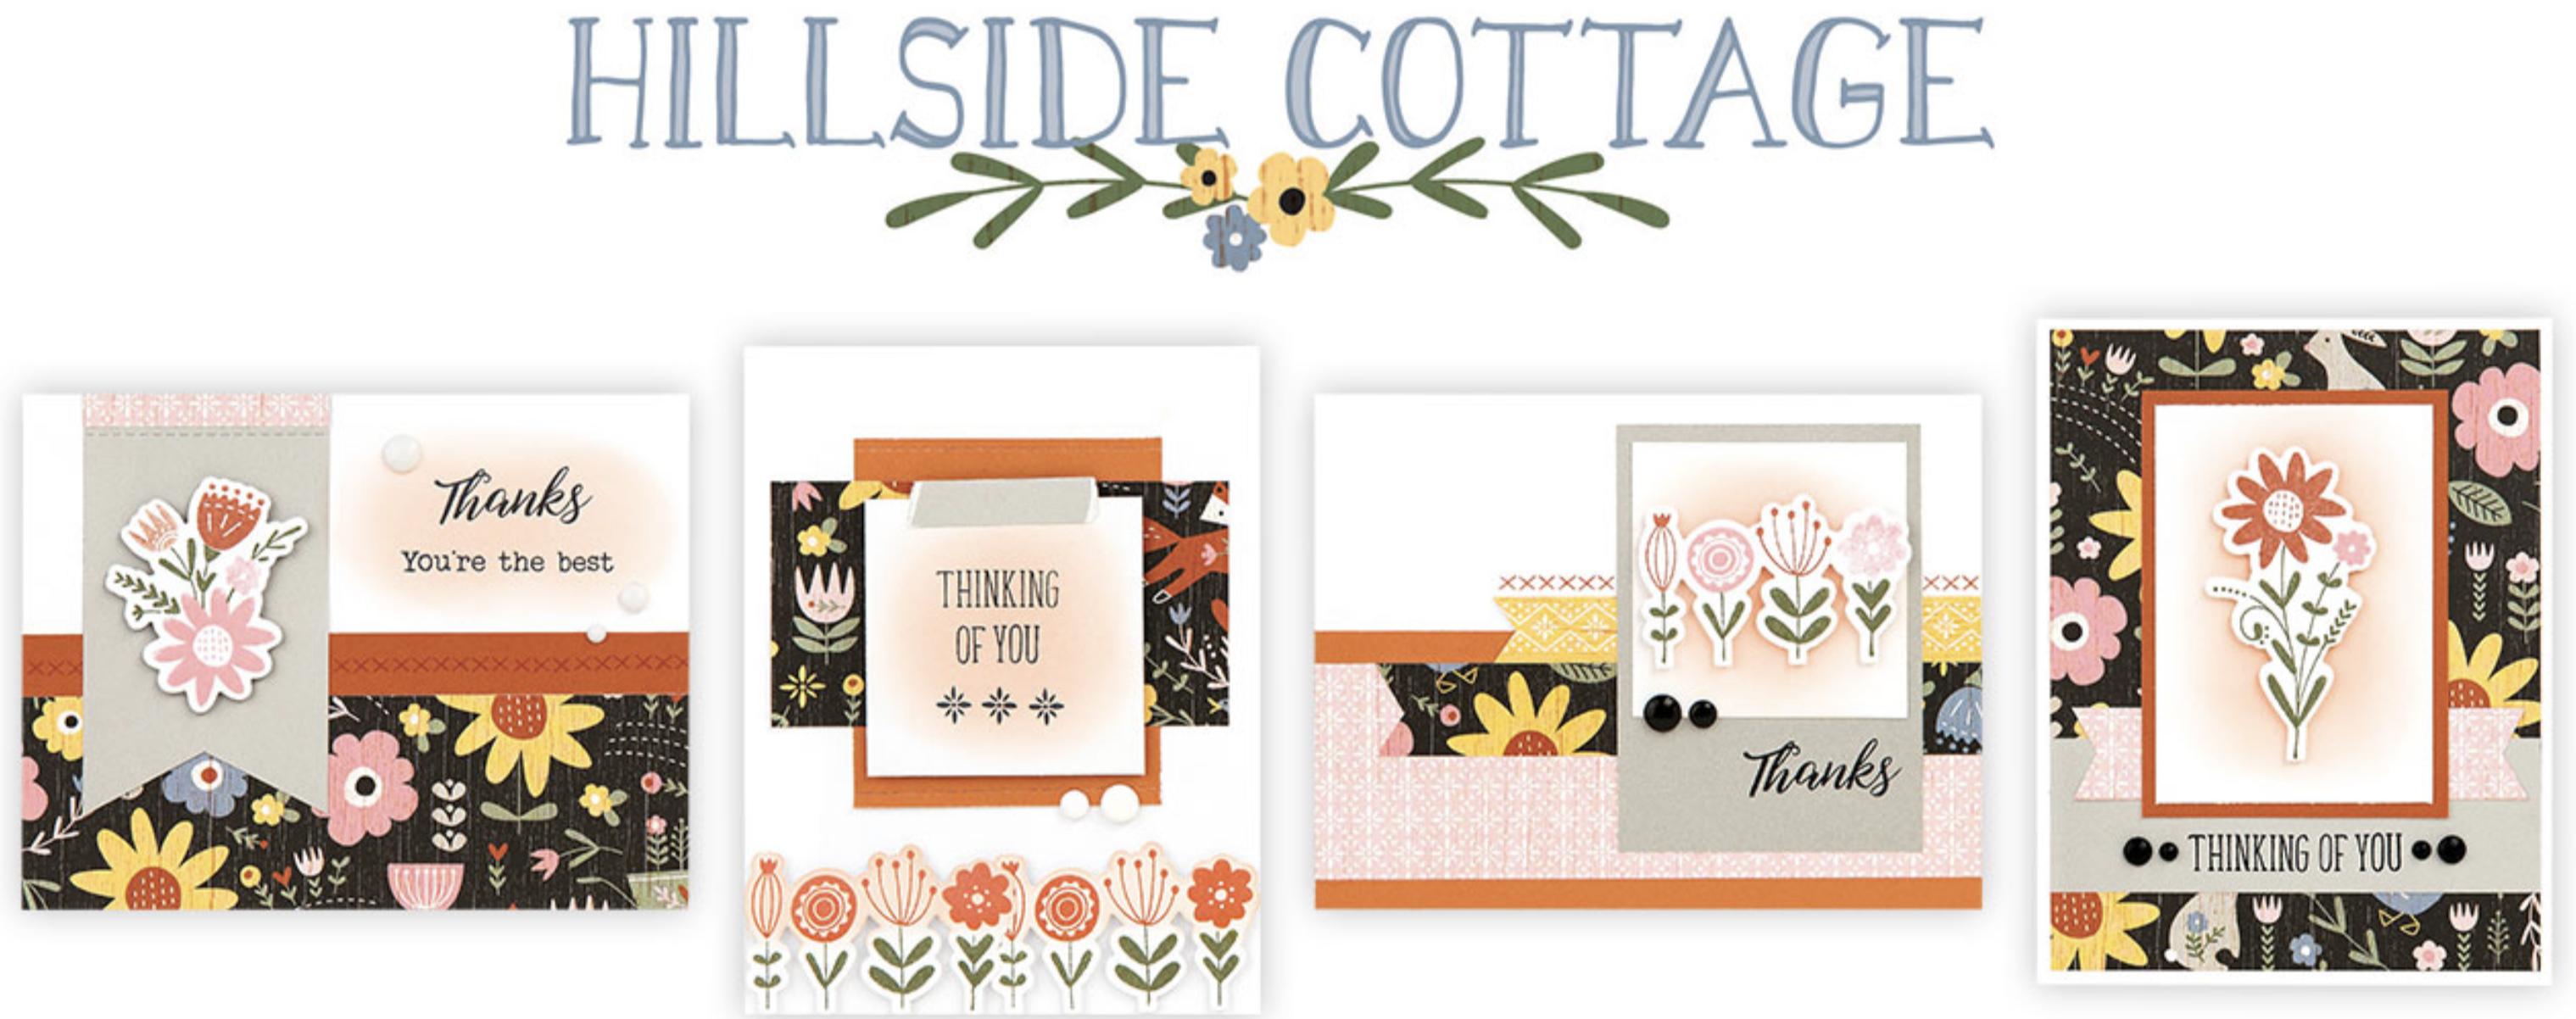 Hillside Cottage Cardmaking Workshop